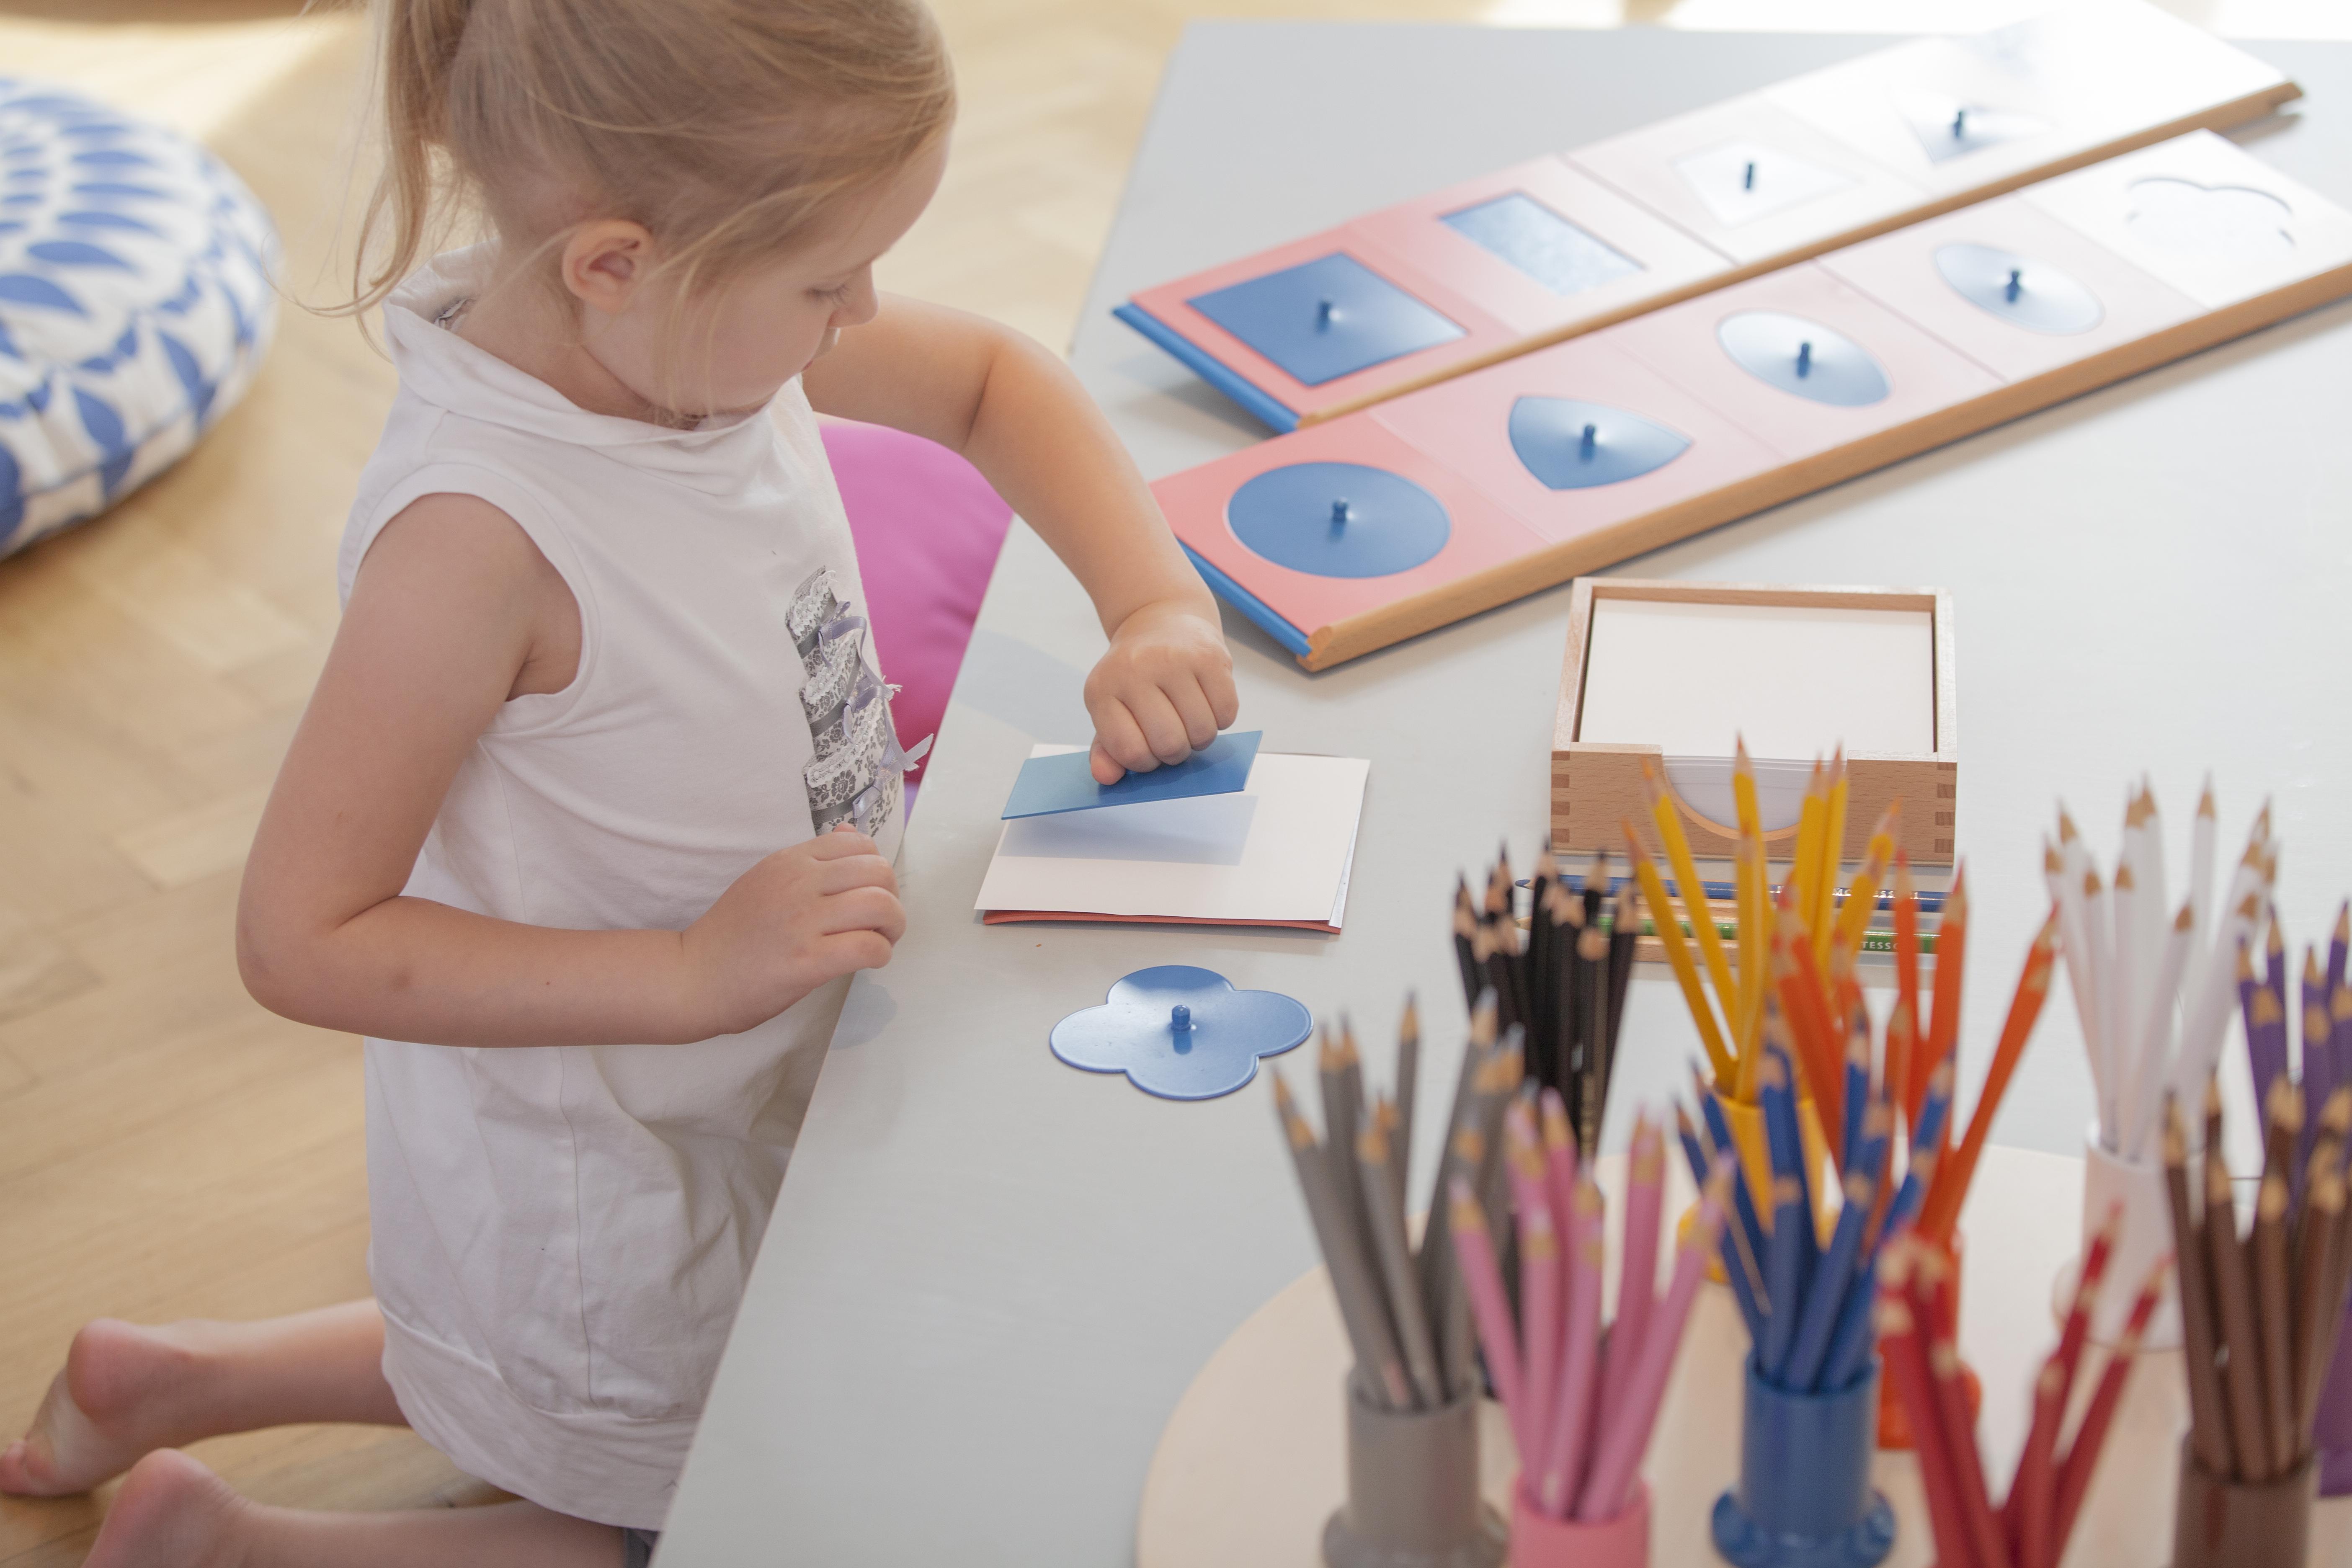 preschooler kneeling playing with Nienhuis Montessori equipment